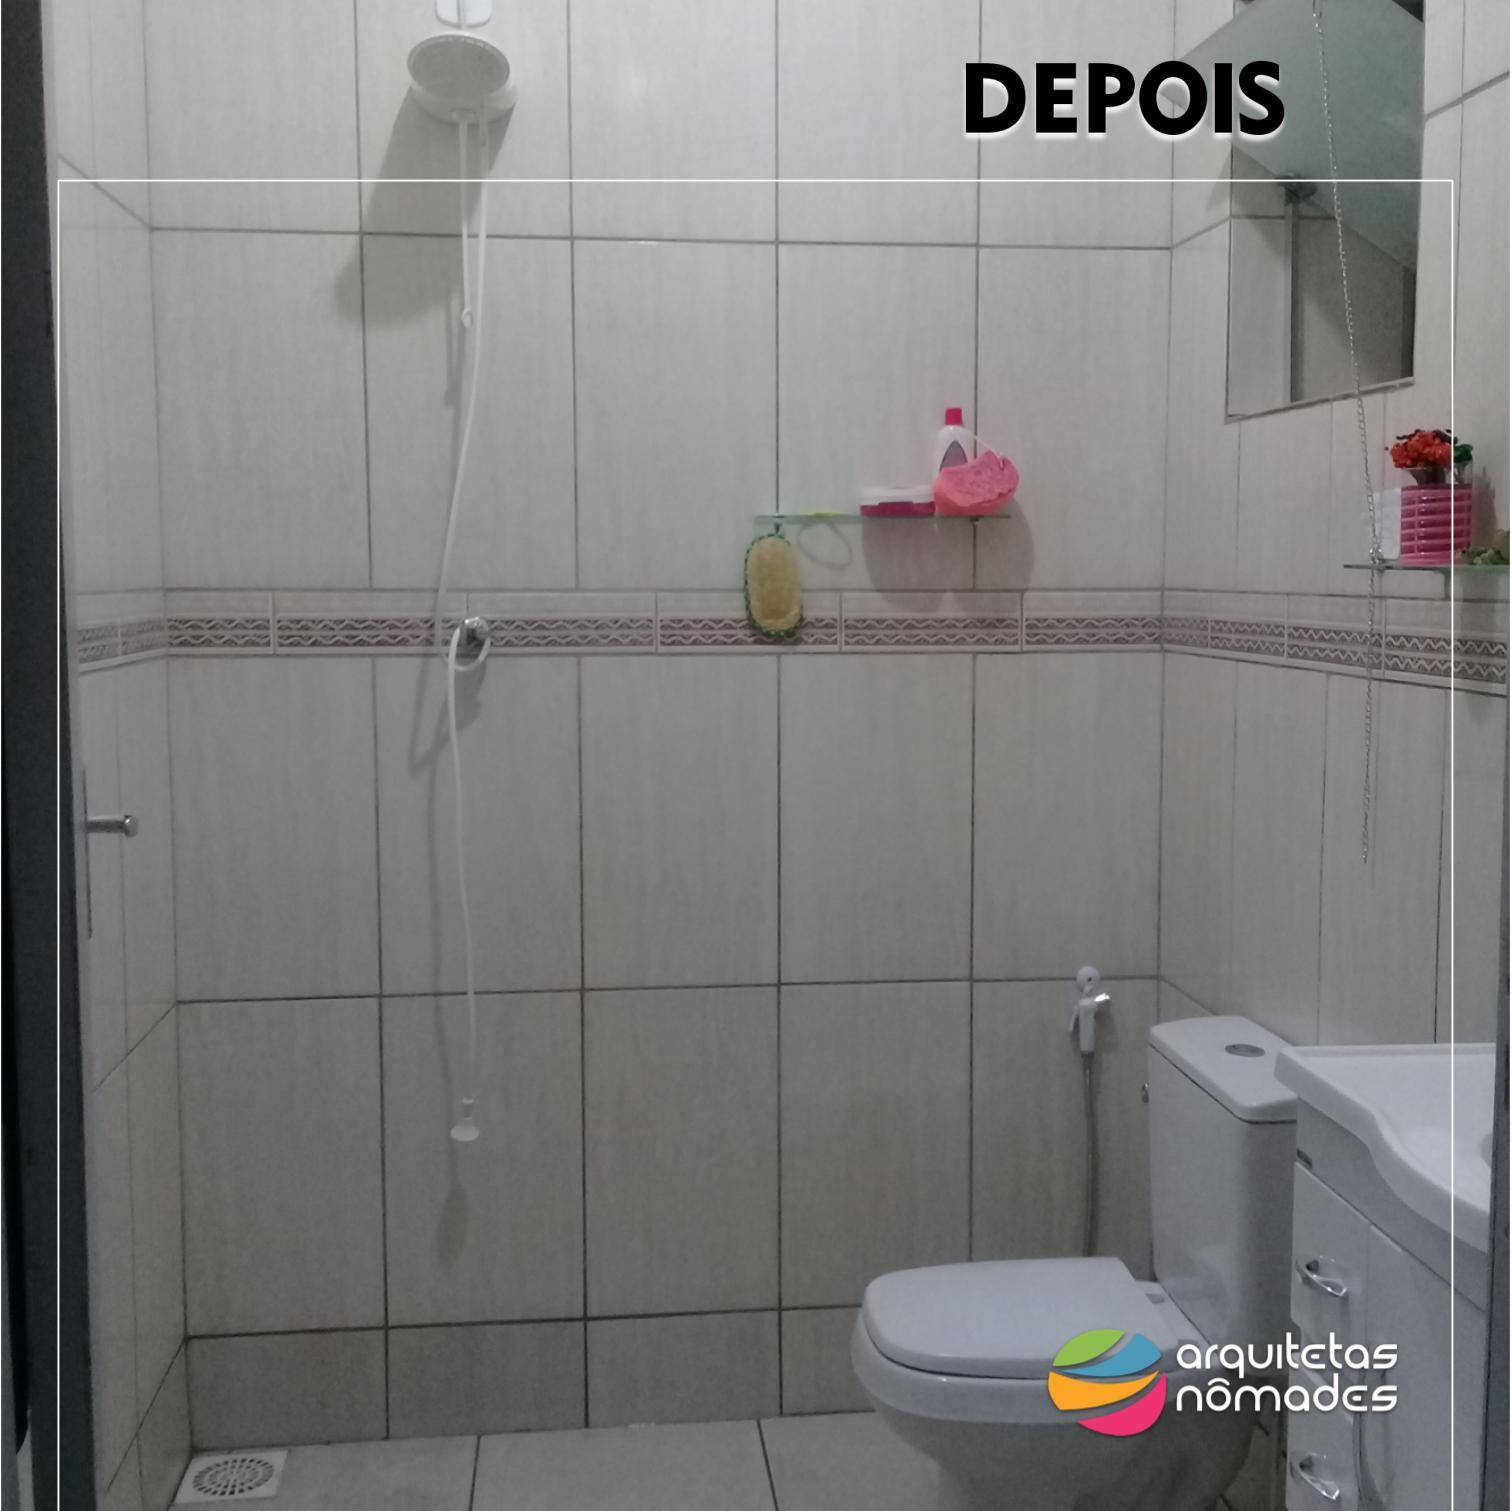 DEPOIS1-katia